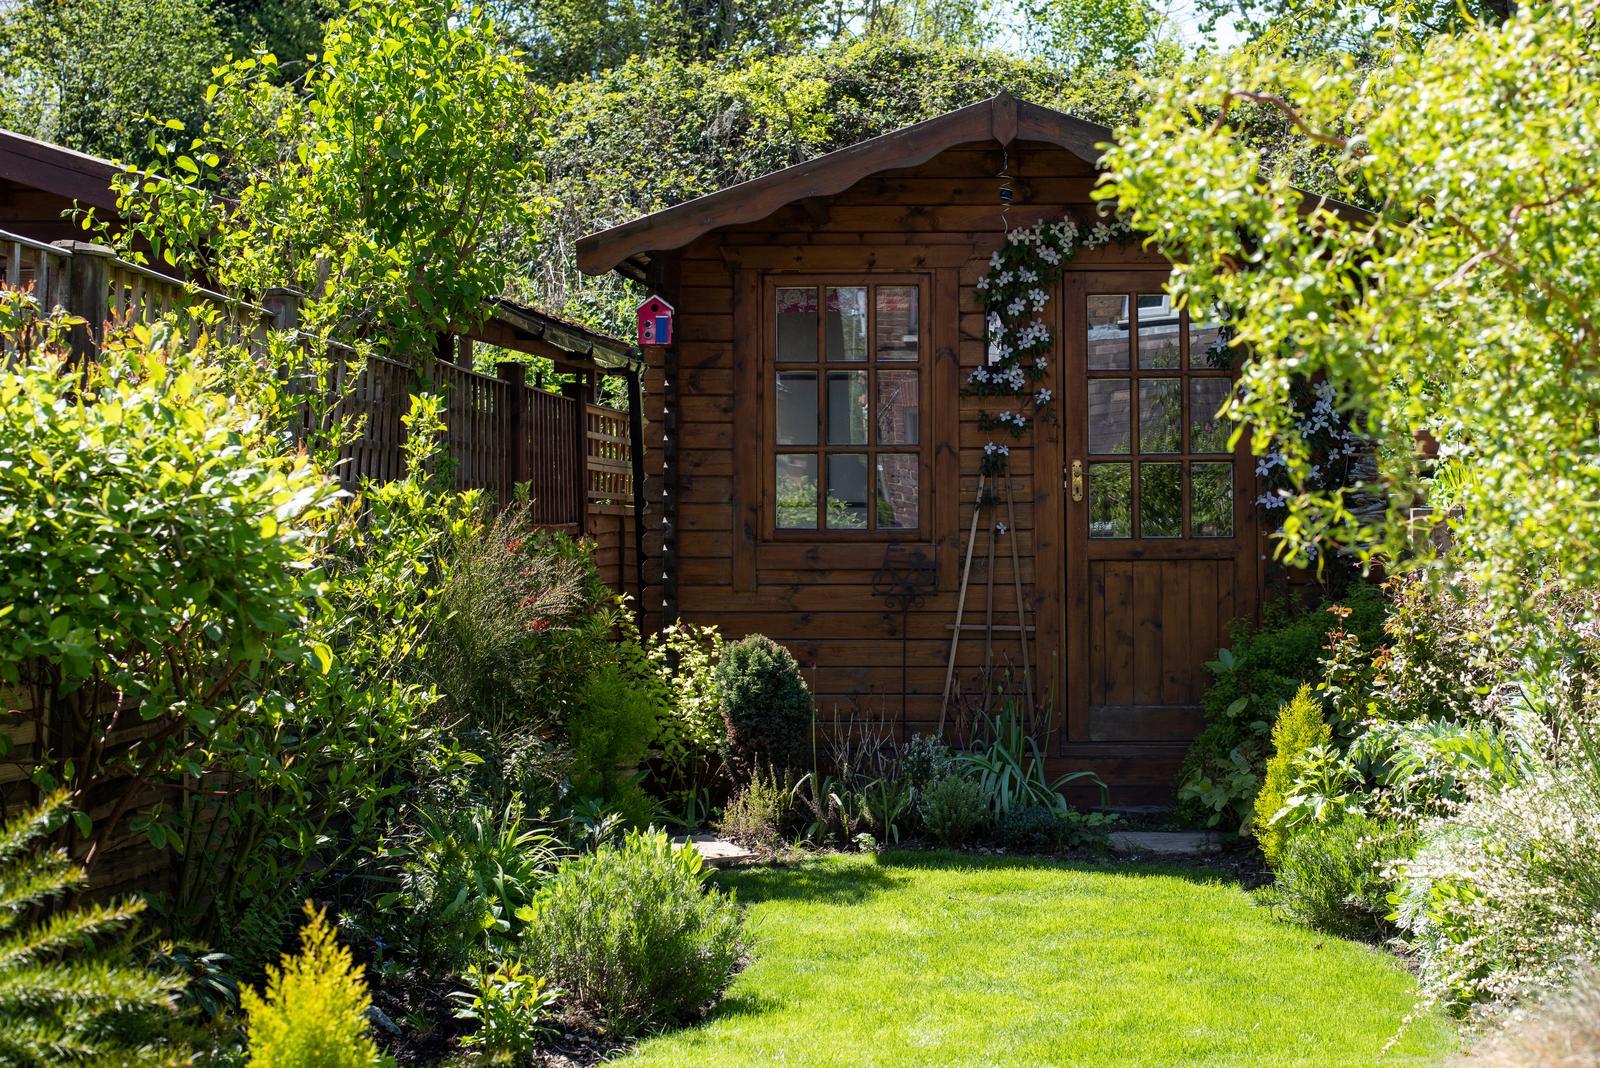 10 Haufige Fehler Bei Der Gartengestaltung Plantura